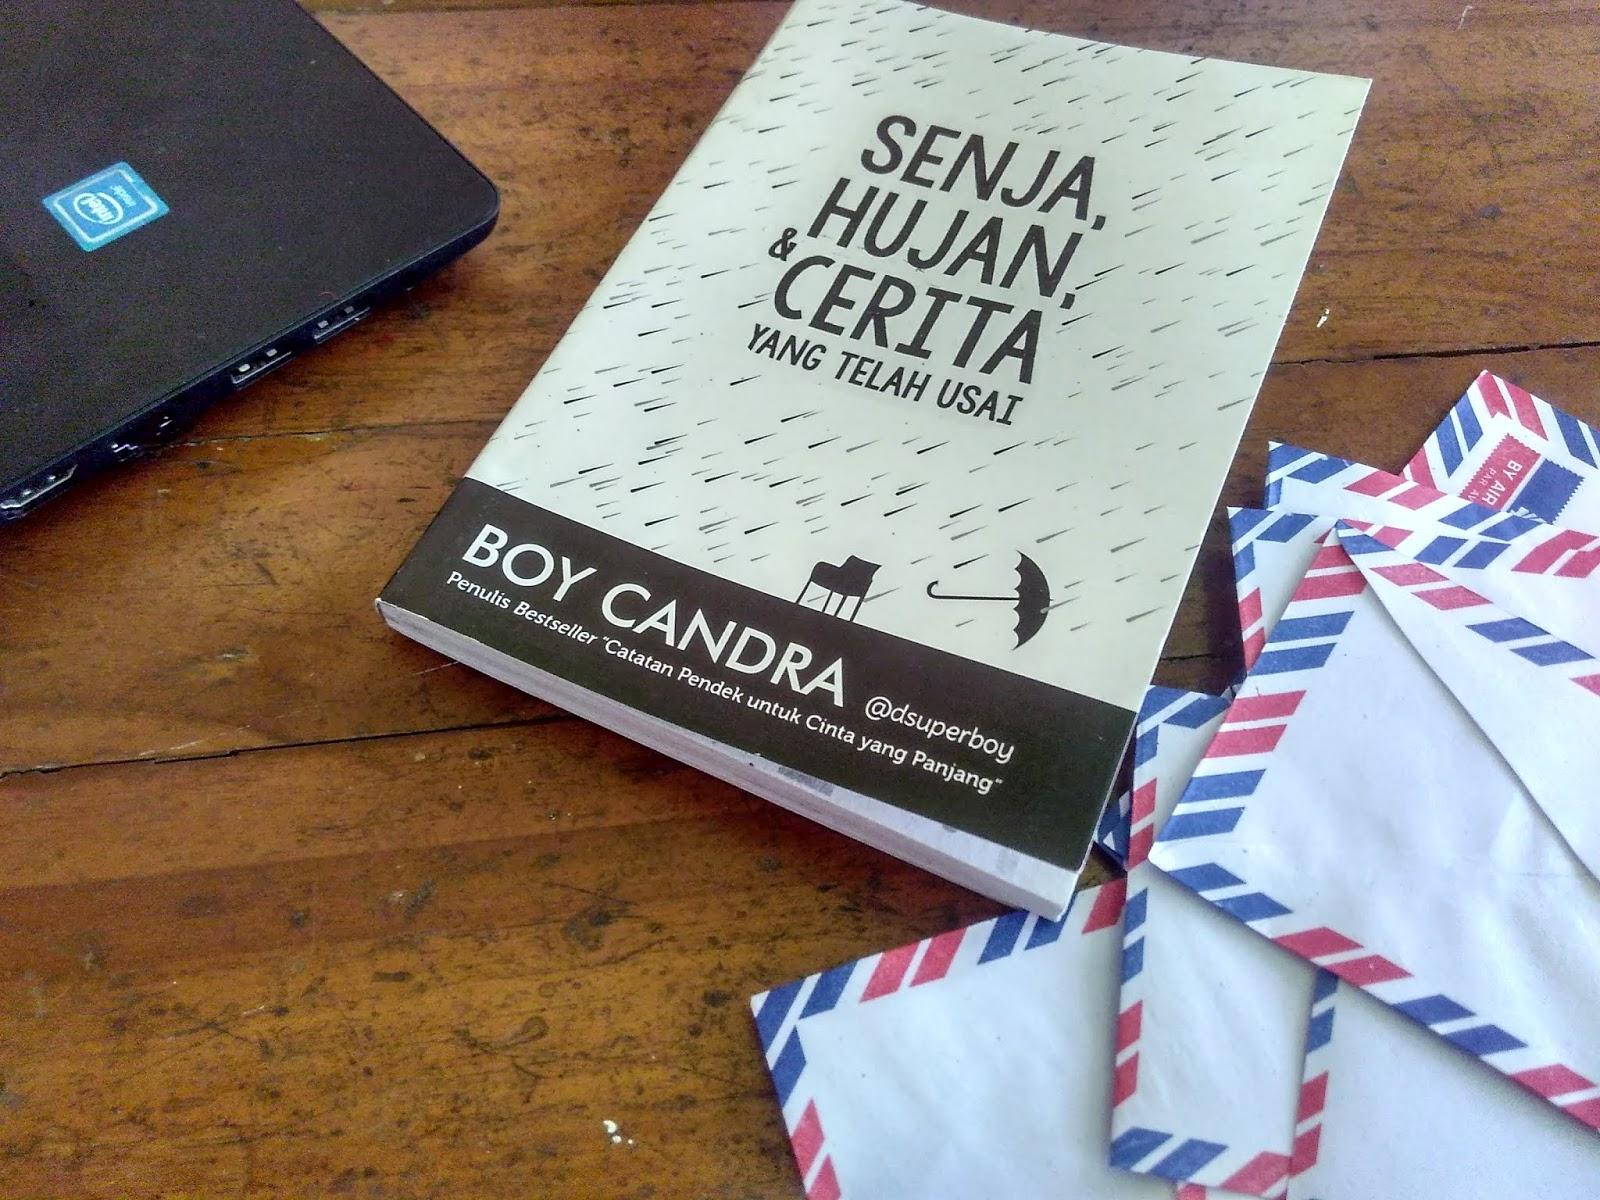 Review Buku Senja, Hujan, dan Cerita Yang Telah Usai by Boy Candra